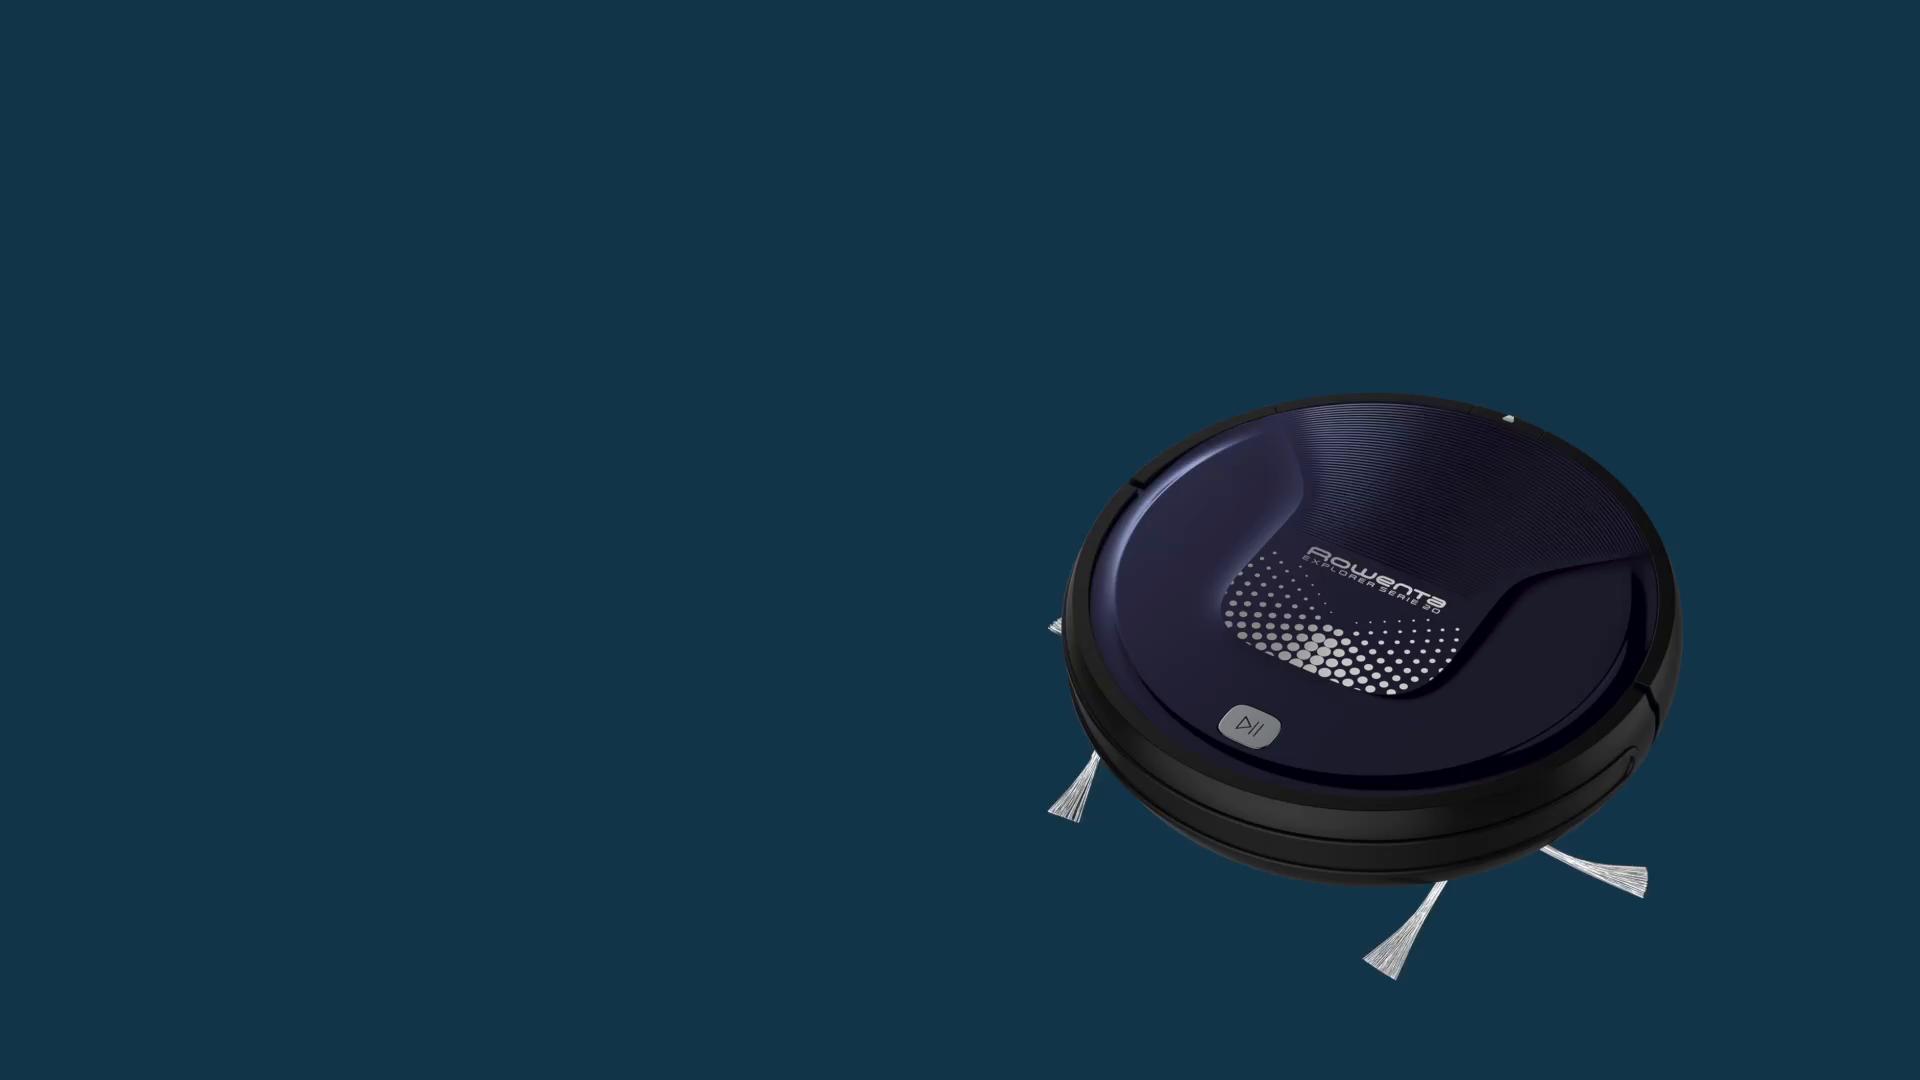 Rowenta RR6871WH Smart Force Explorer Aqua - Robot aspirador 2 en 1, aspira y friega, con sensores anticaída, bateria ion-litio de 150 minutos de autonomía, incluye mando a distancia y base de